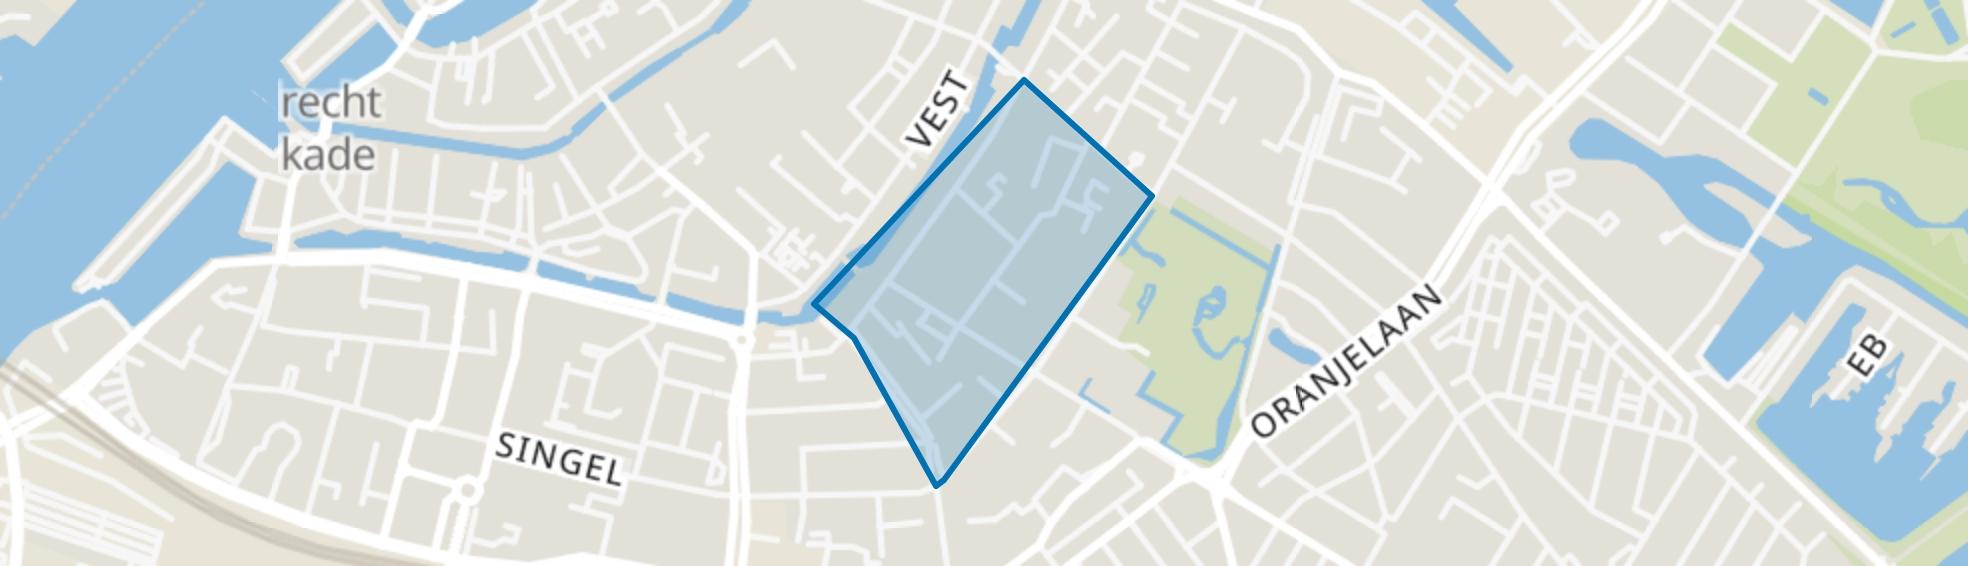 Kasperspad en omgeving, Dordrecht map